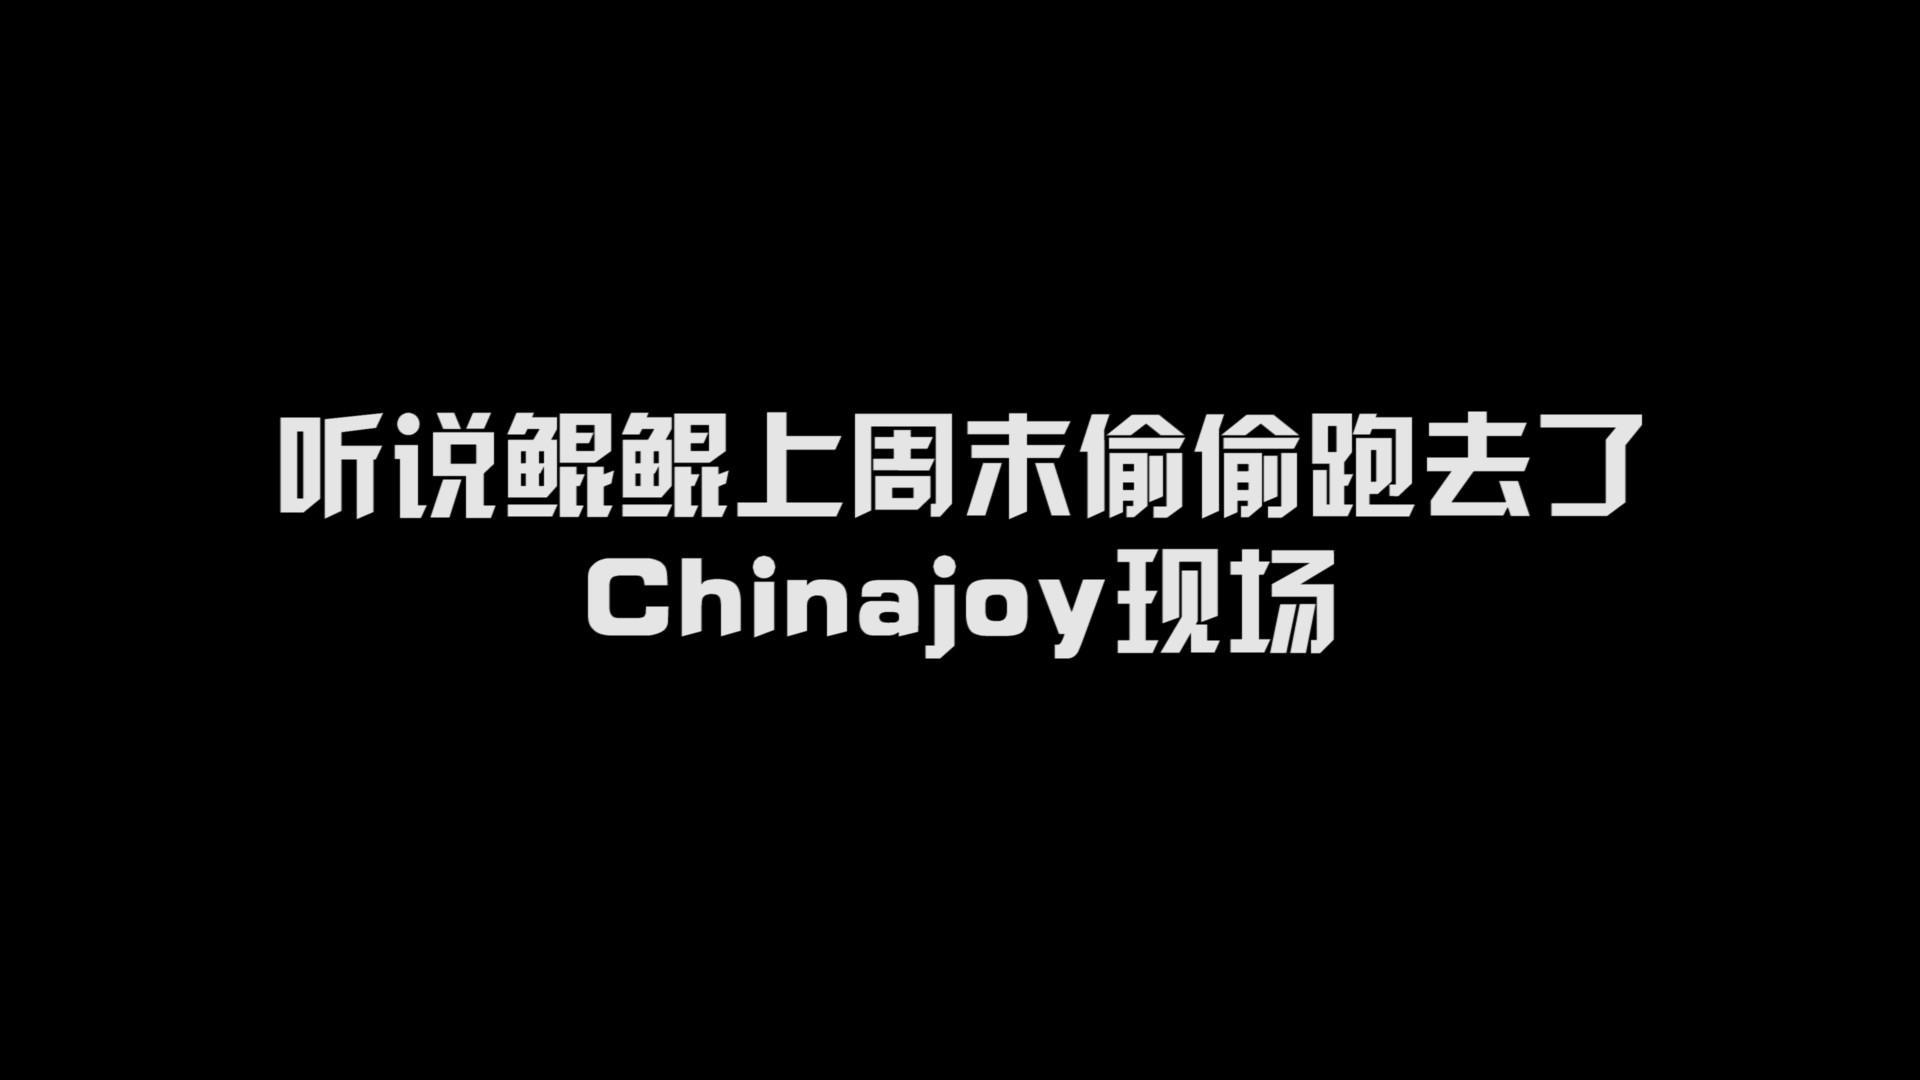 鲲鲲带你去逛展,Chinajoy精彩集锦献上!